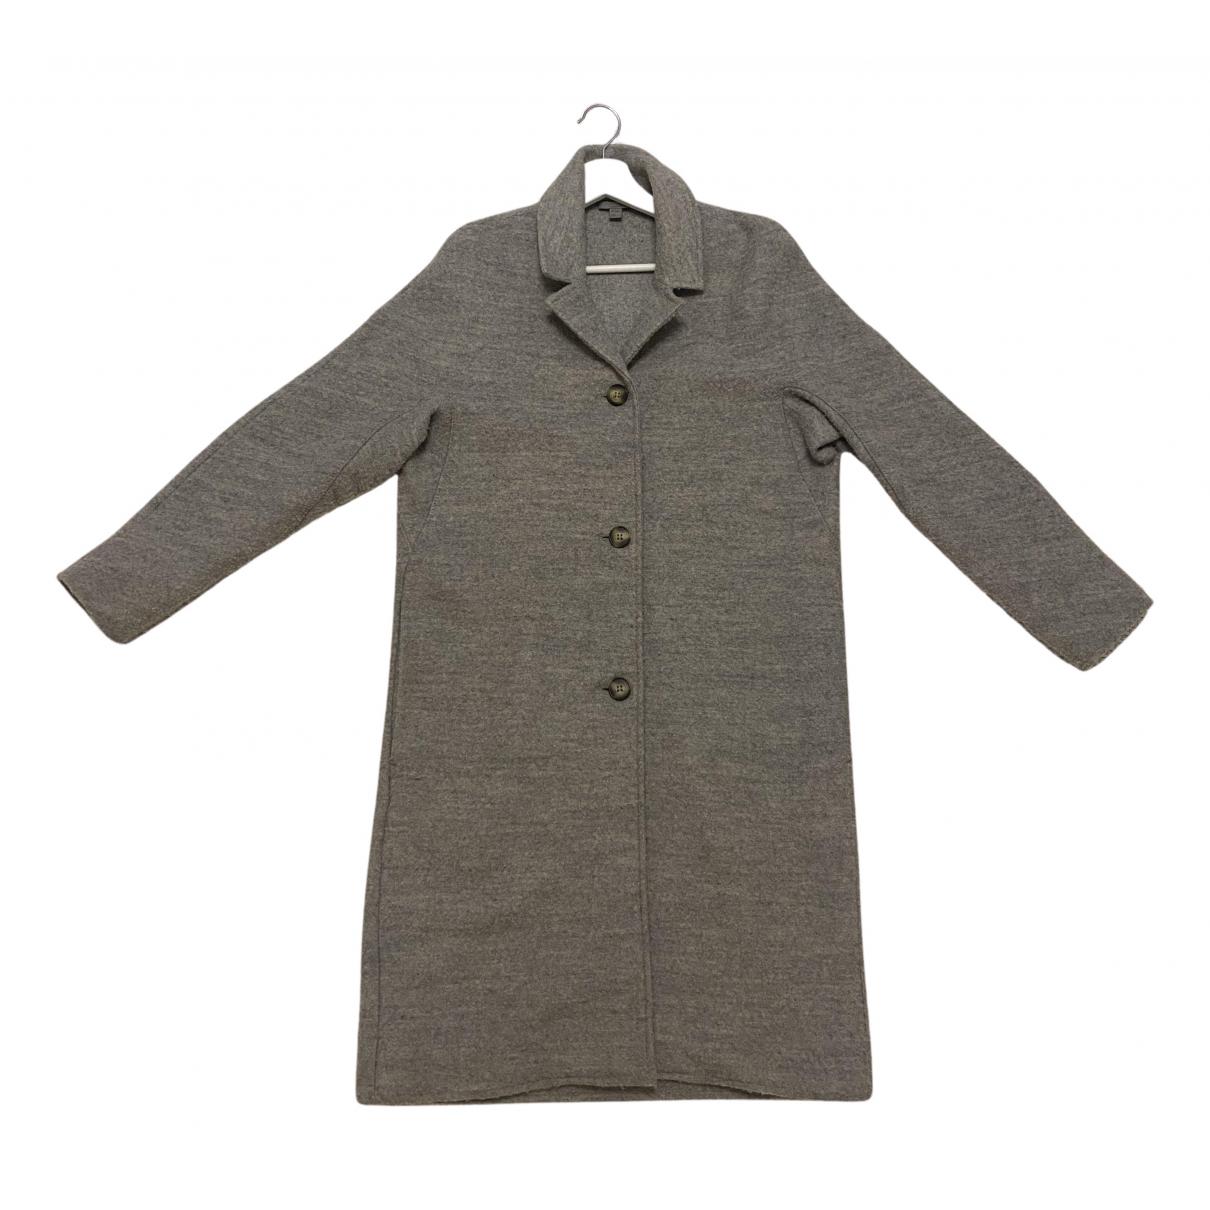 Cos - Manteau   pour femme en laine - gris